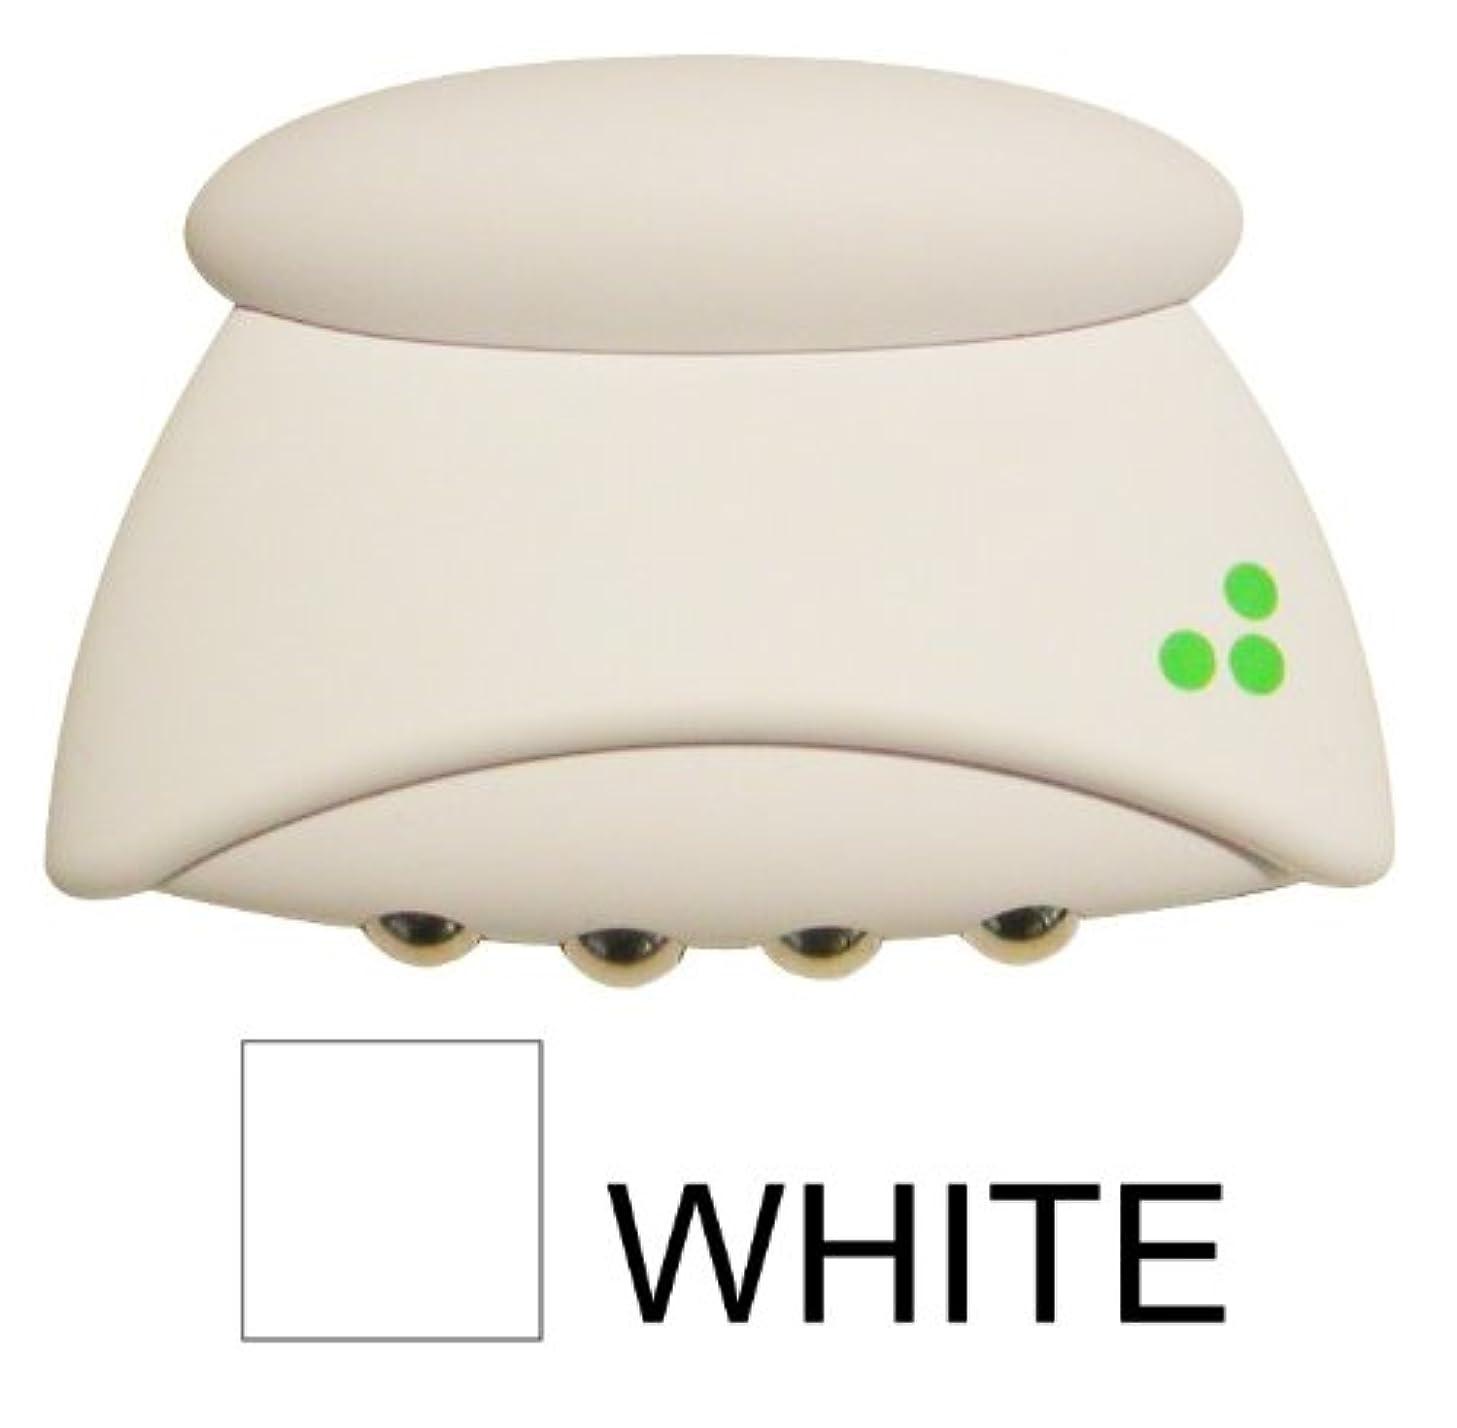 持参帽子物語シェルブル(shell-bulu)CLV-165(WH)ホワイト